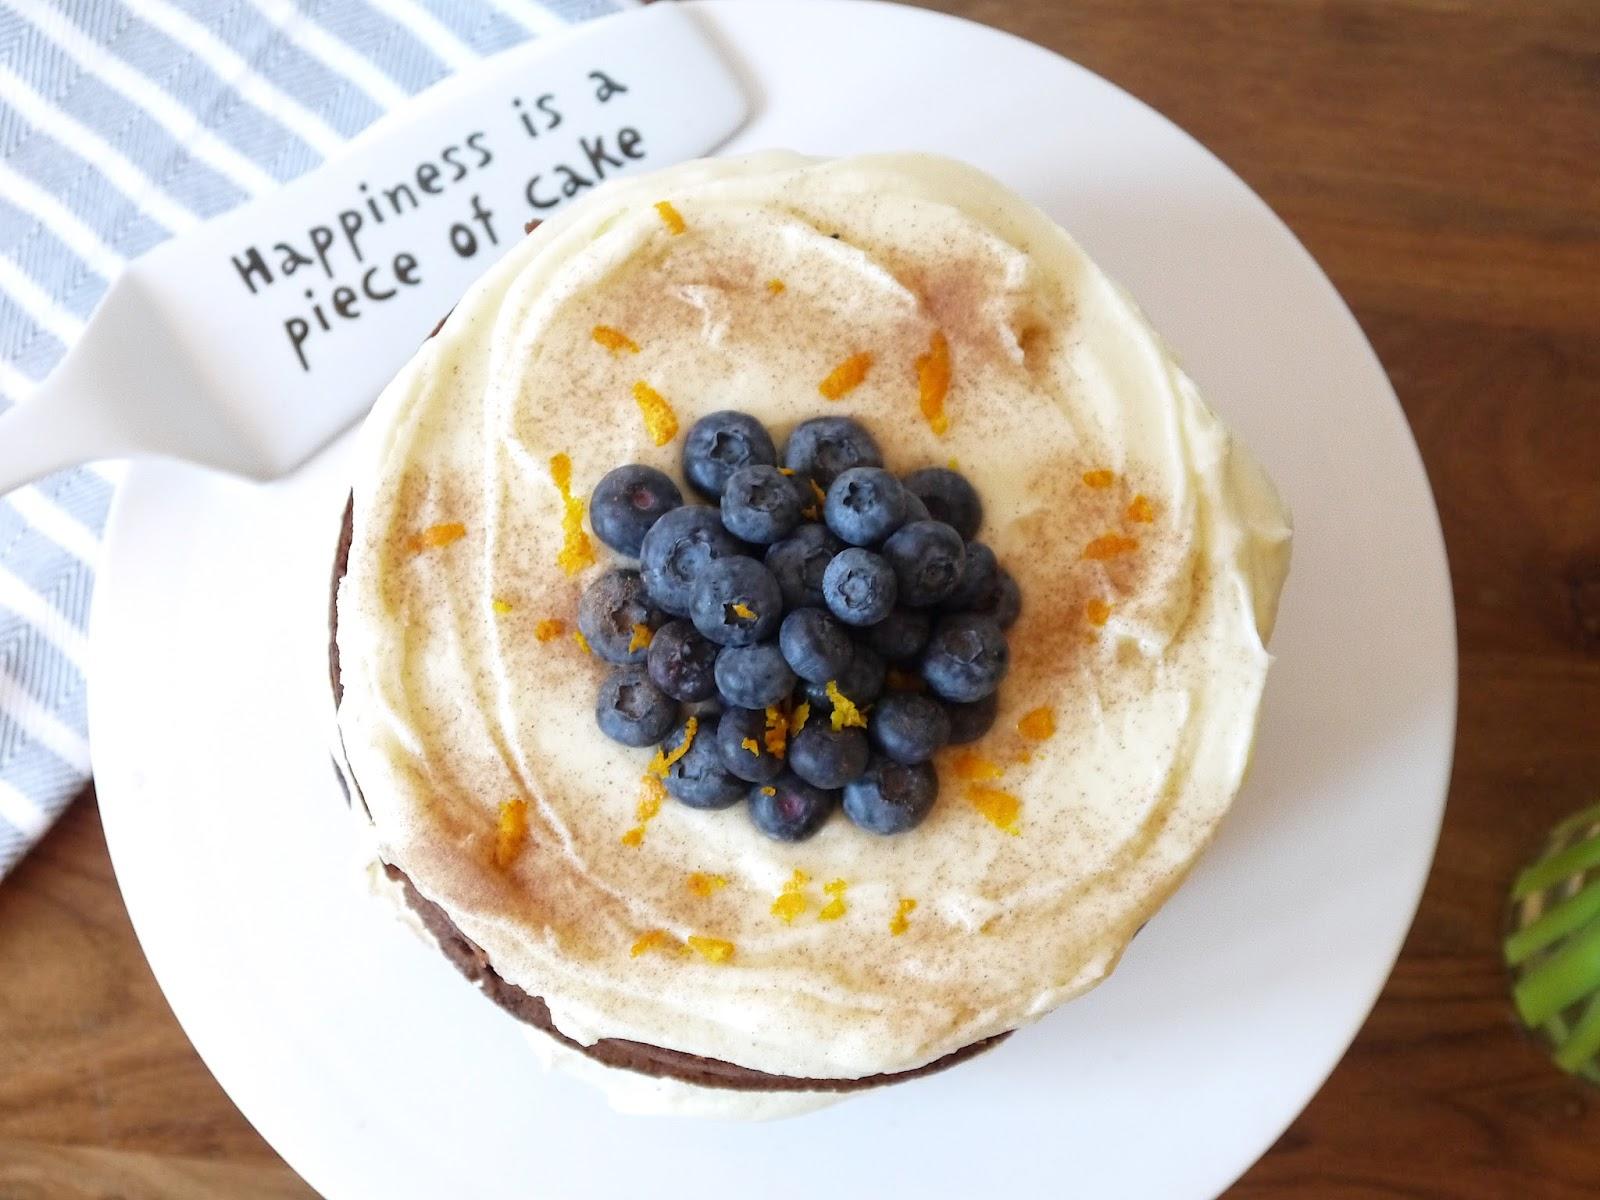 Chocolate Orange & Blueberry Cake